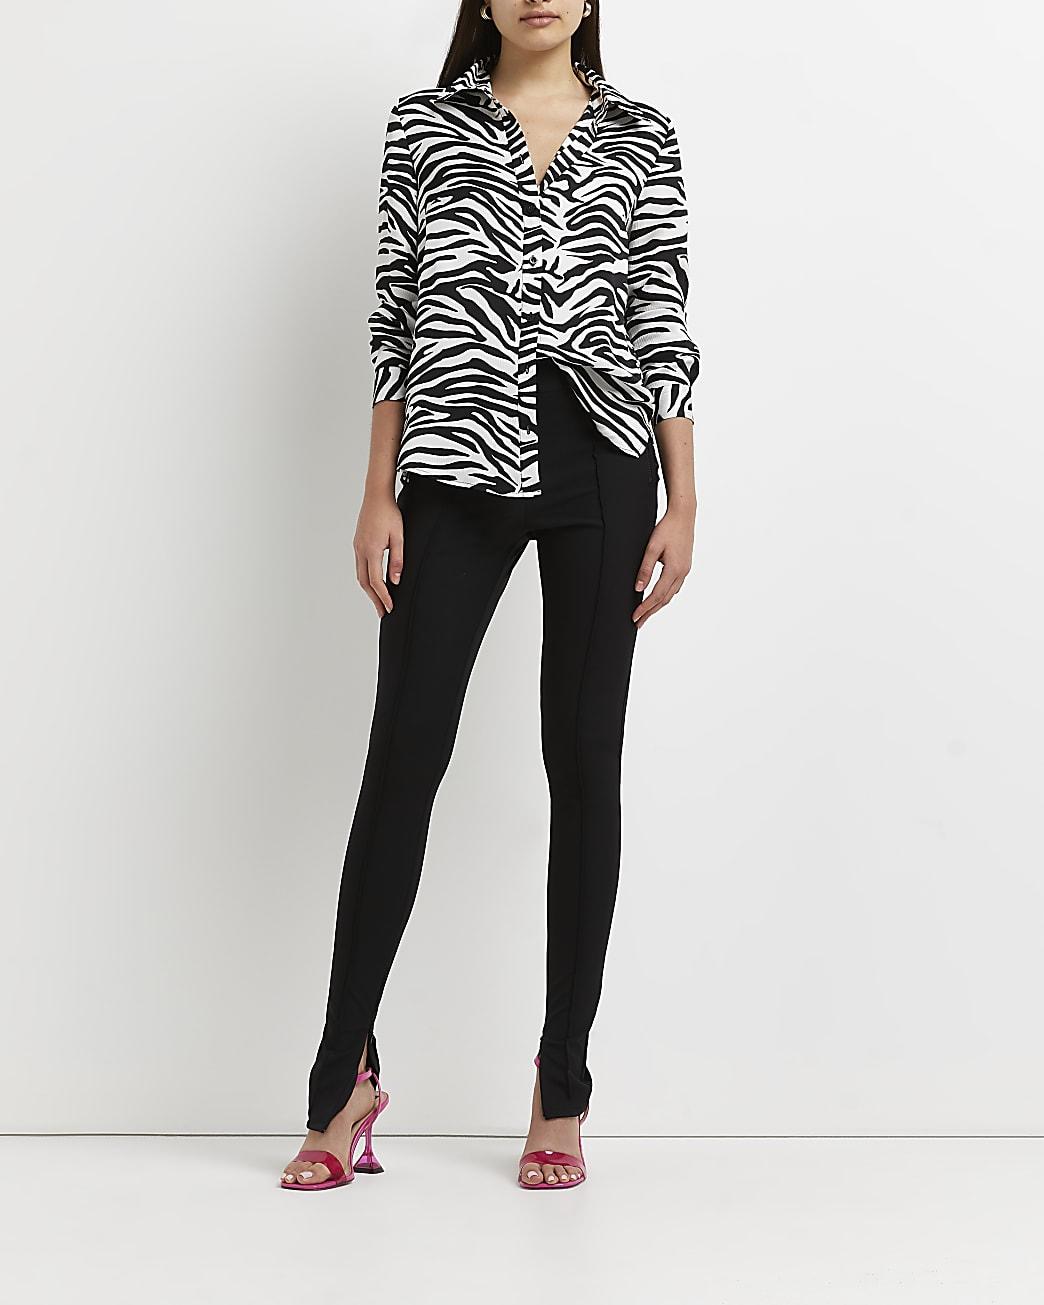 White zebra print shirt